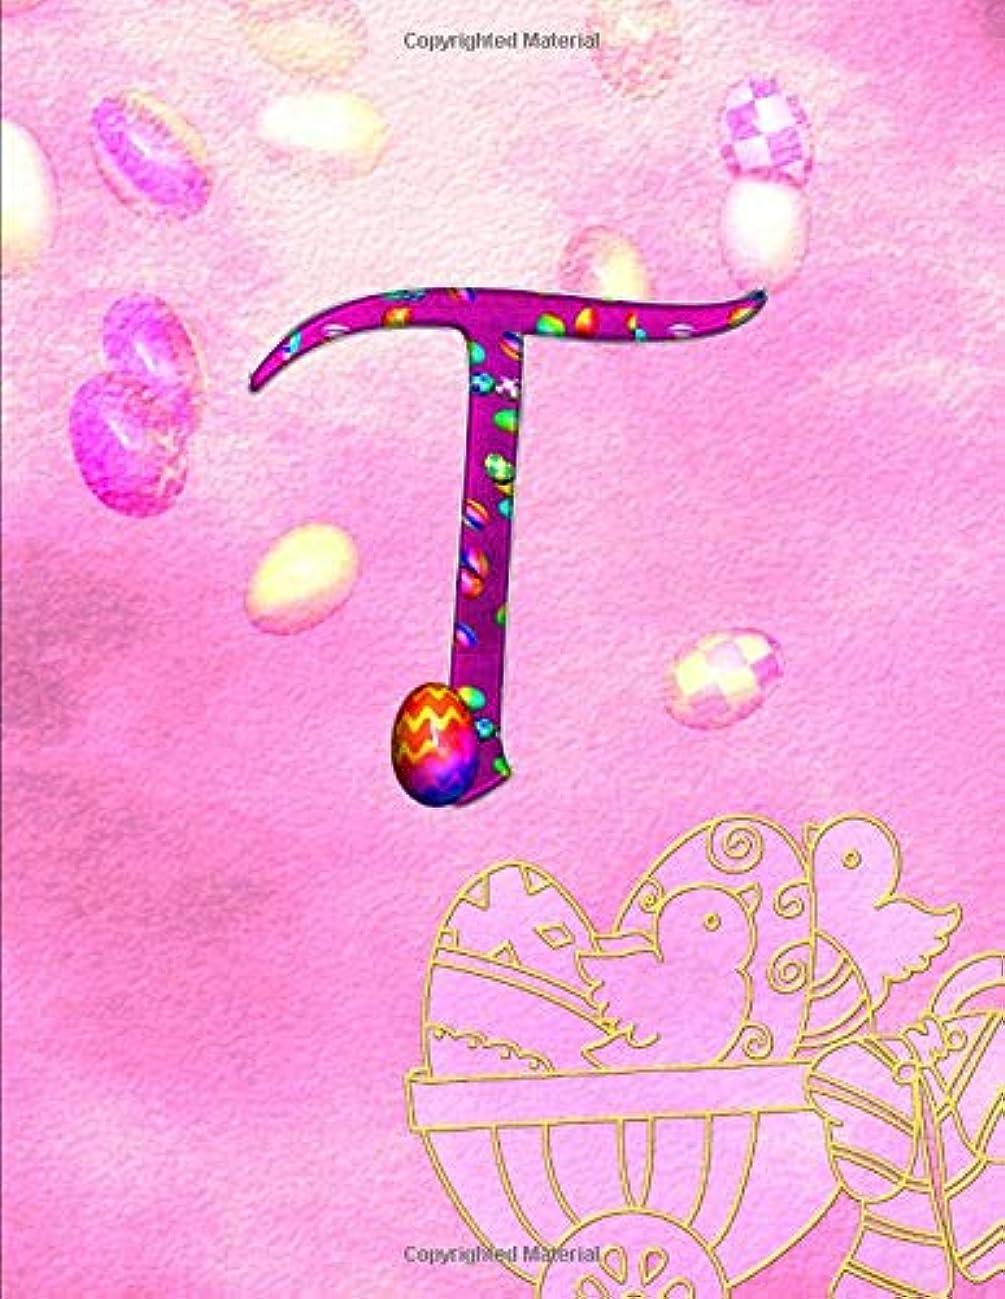 期間刑務所とげのあるT. Monogram Initial Letter T Cover. Blank Lined College Ruled Notebook Journal Planner Diary.